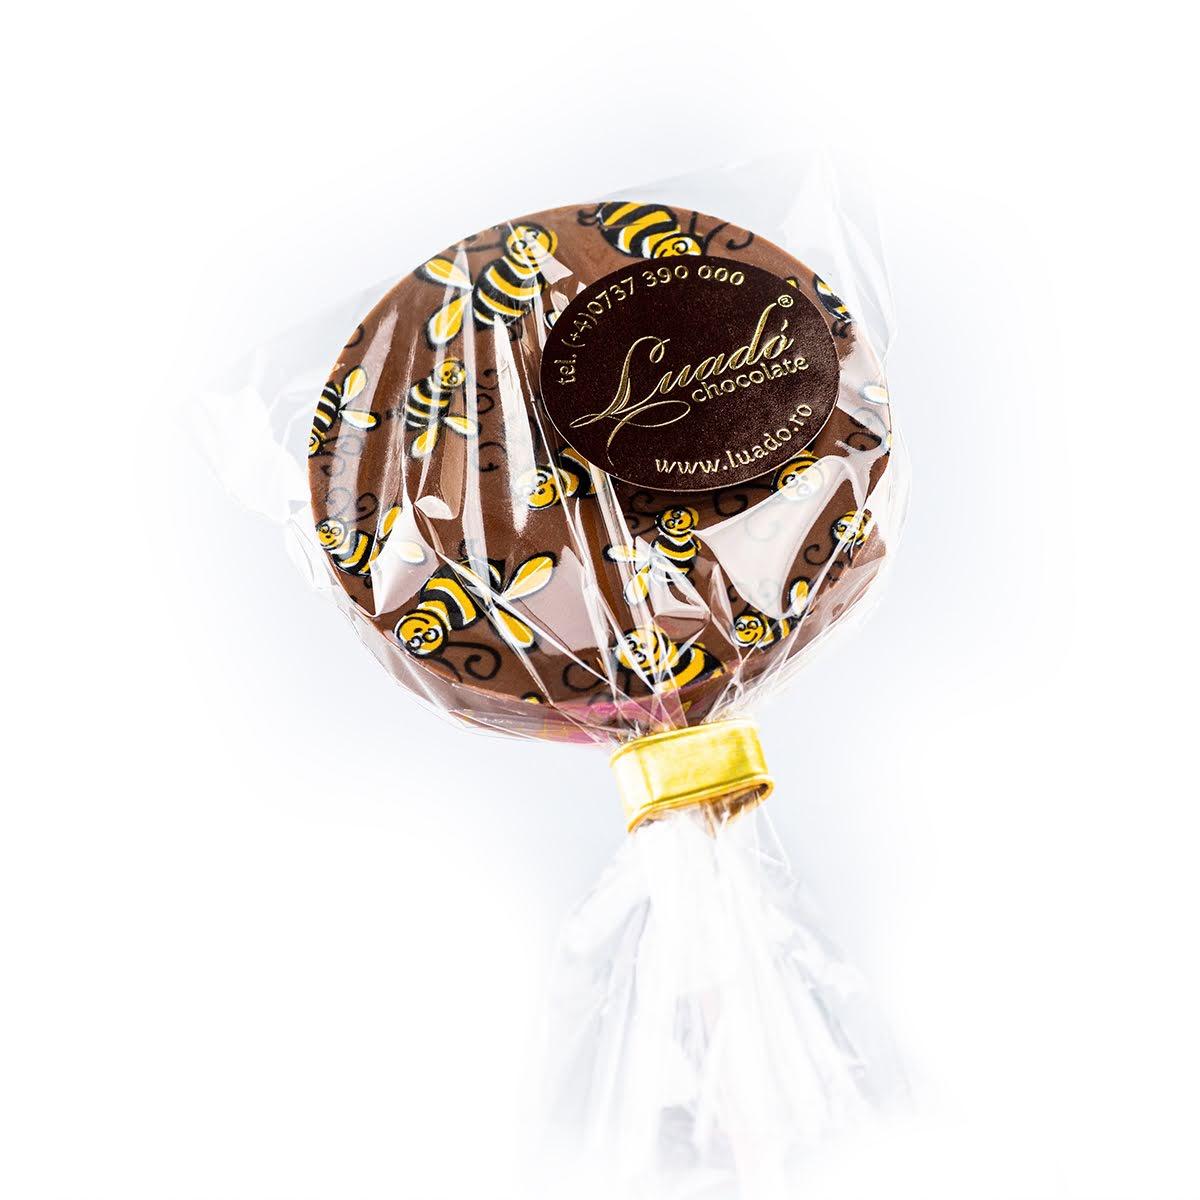 Acadea rotundă din ciocolată cu lapte